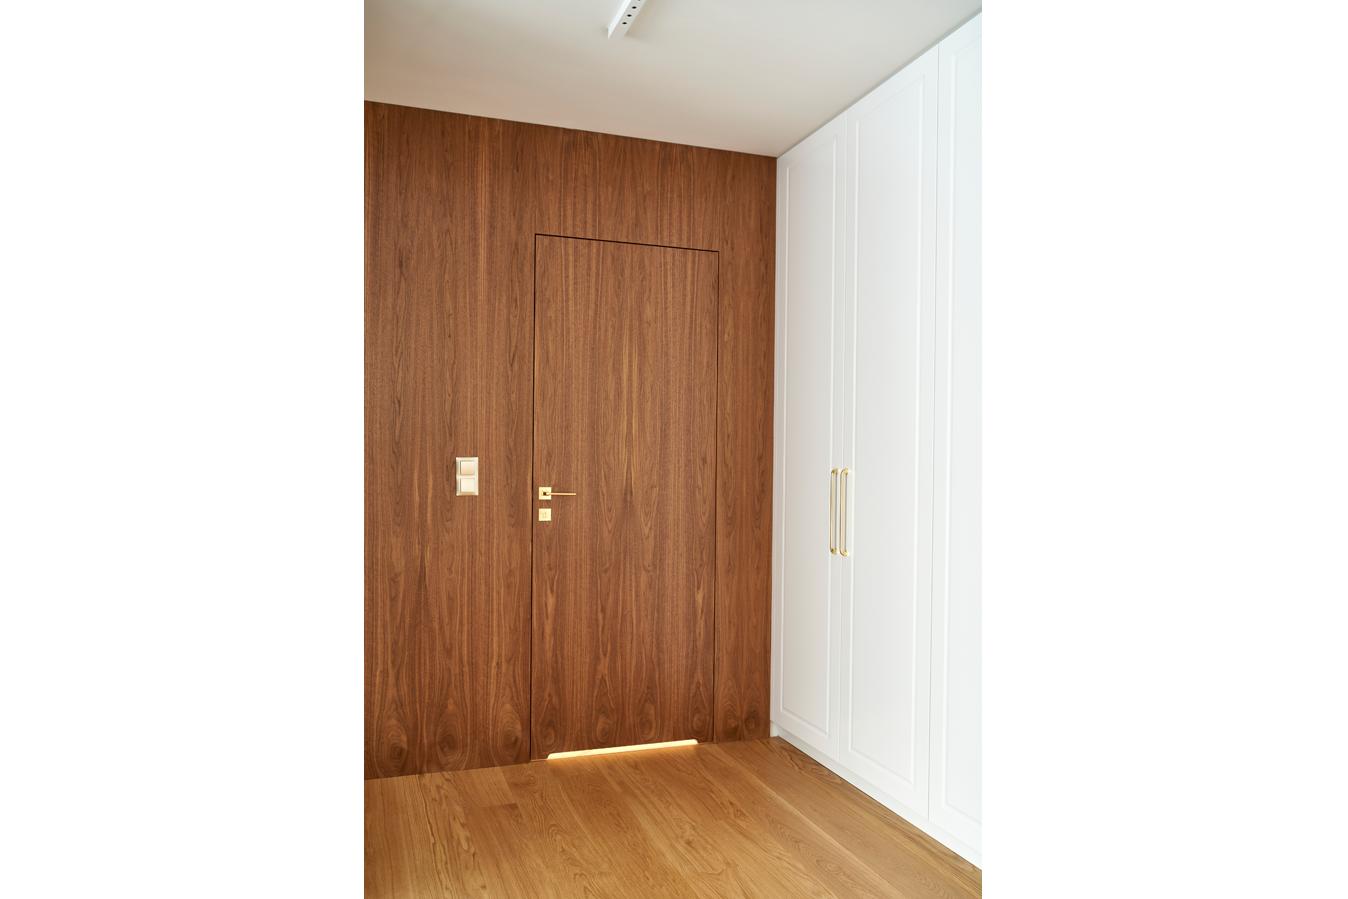 Drzwi wewnętrzne PŁASKIE w naturalnym fornirze